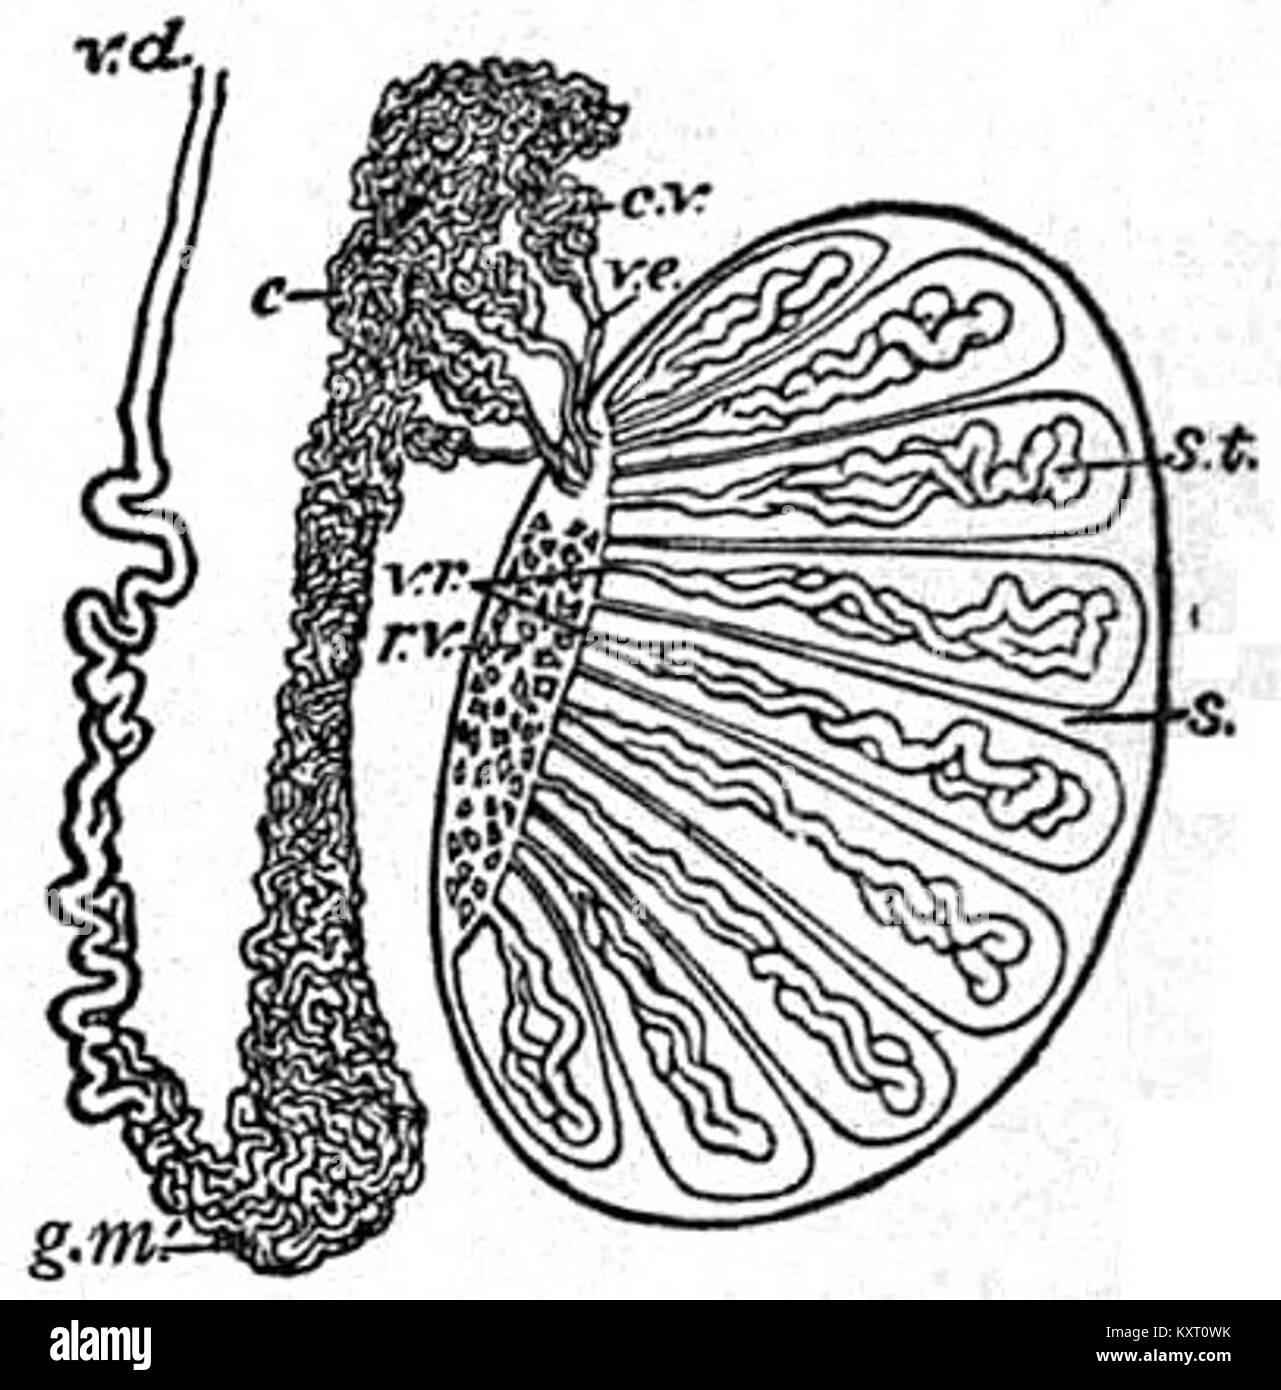 EB1911 Sistema reproductivo, en anatomía - testículo y epidídimo ...